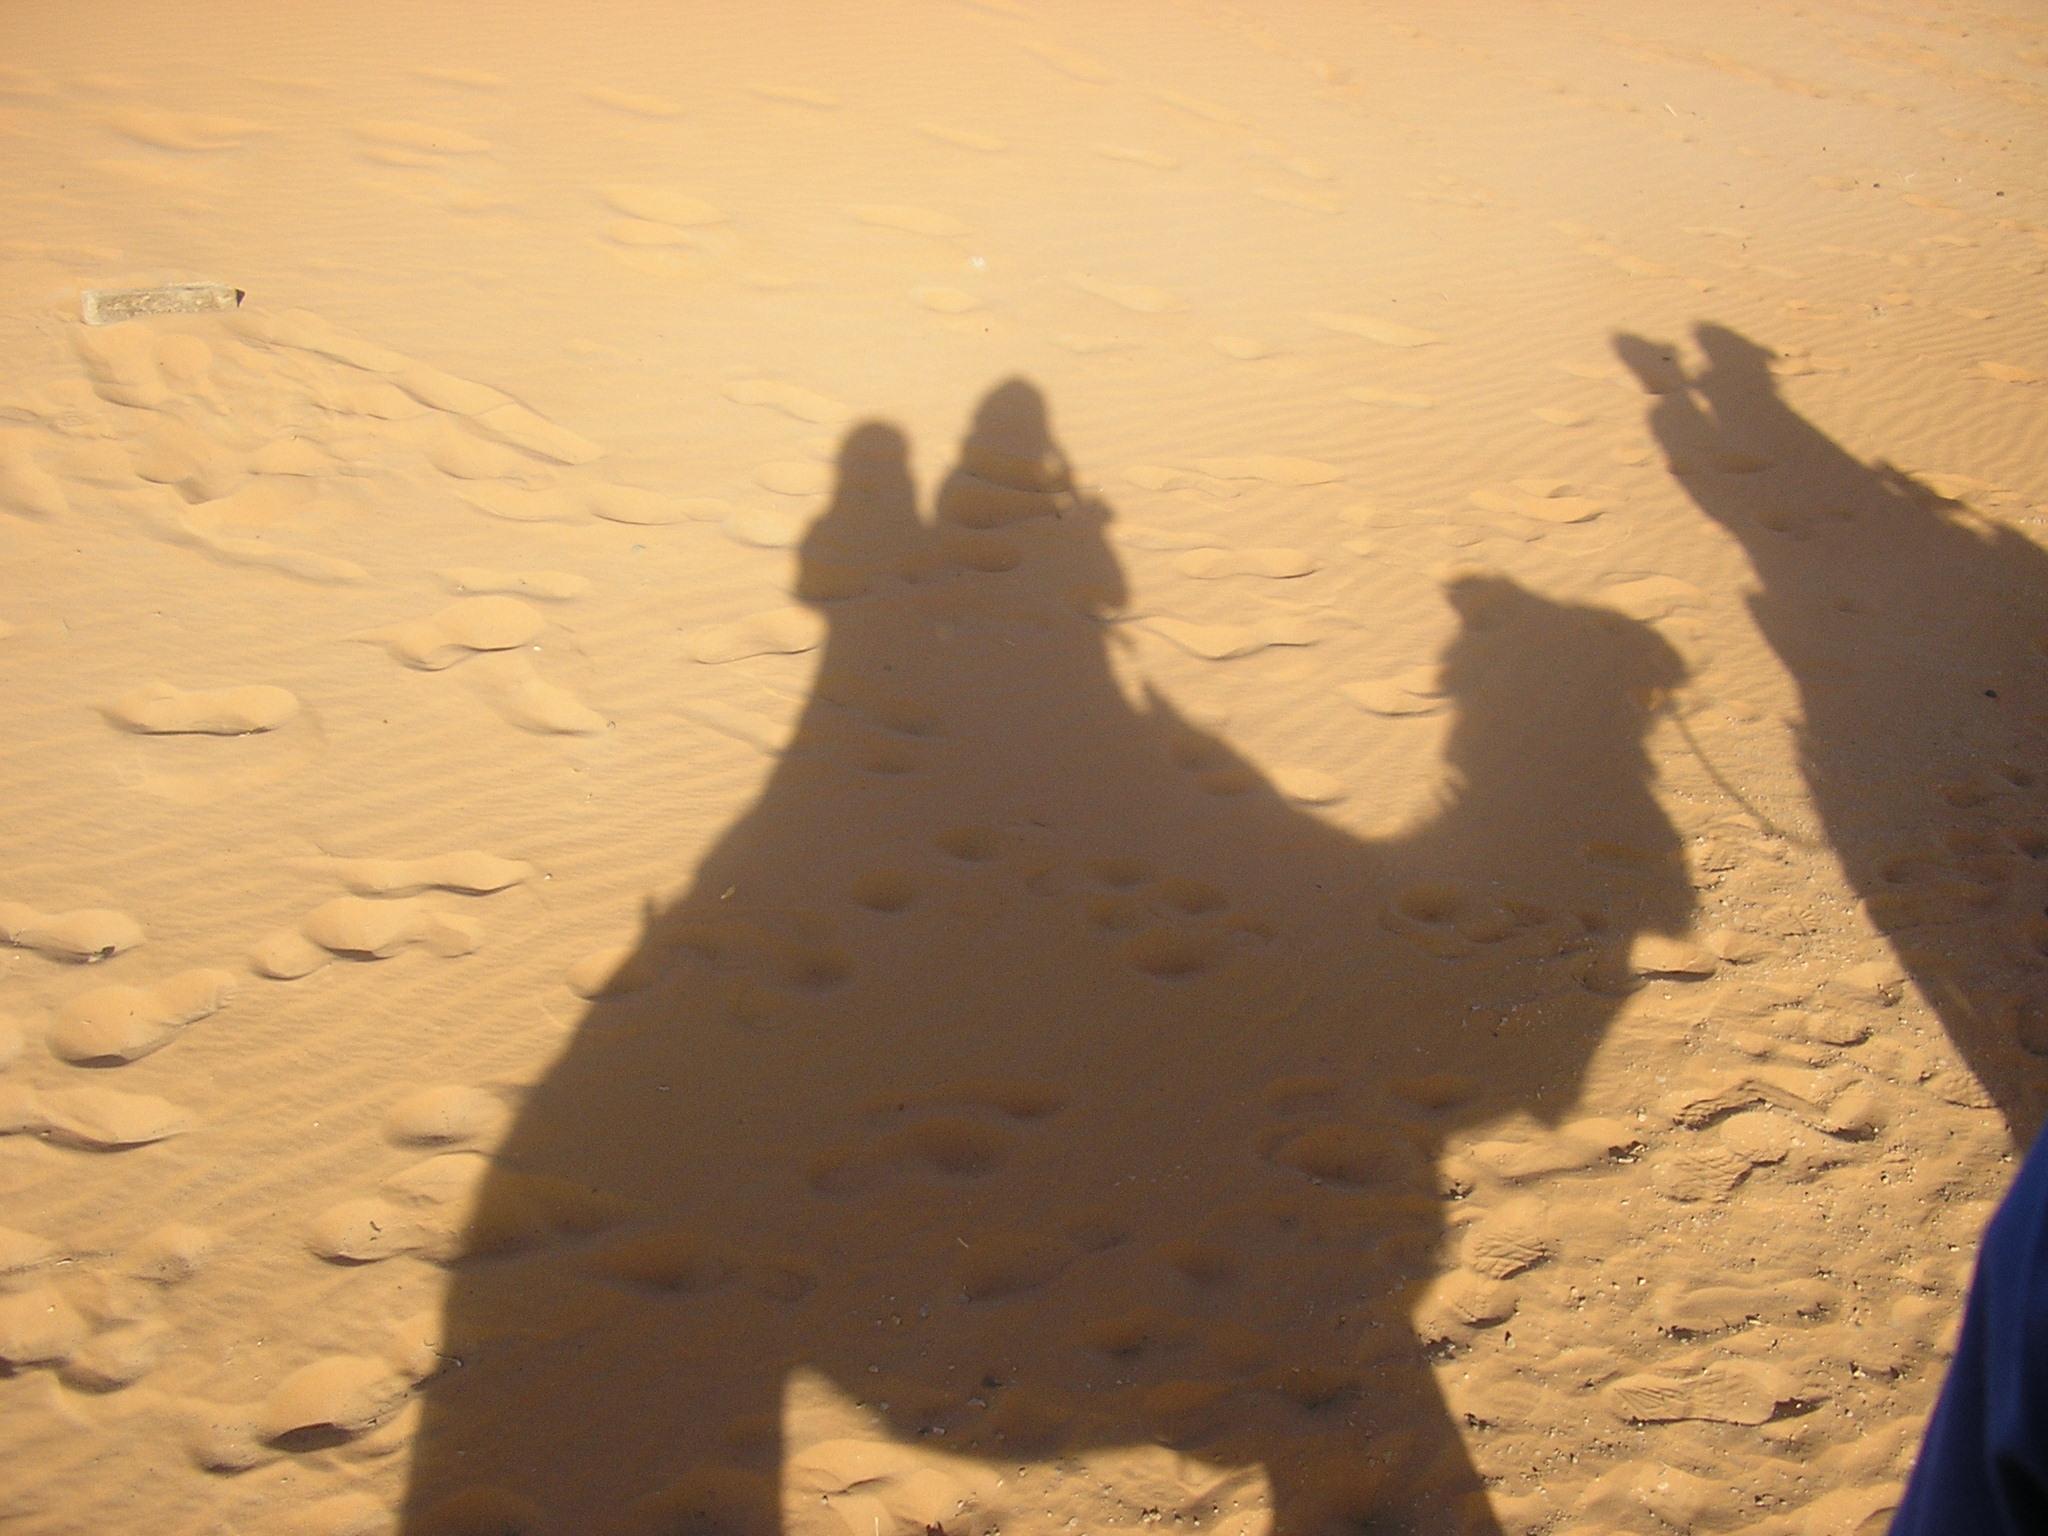 151-dunes-de-merzouga